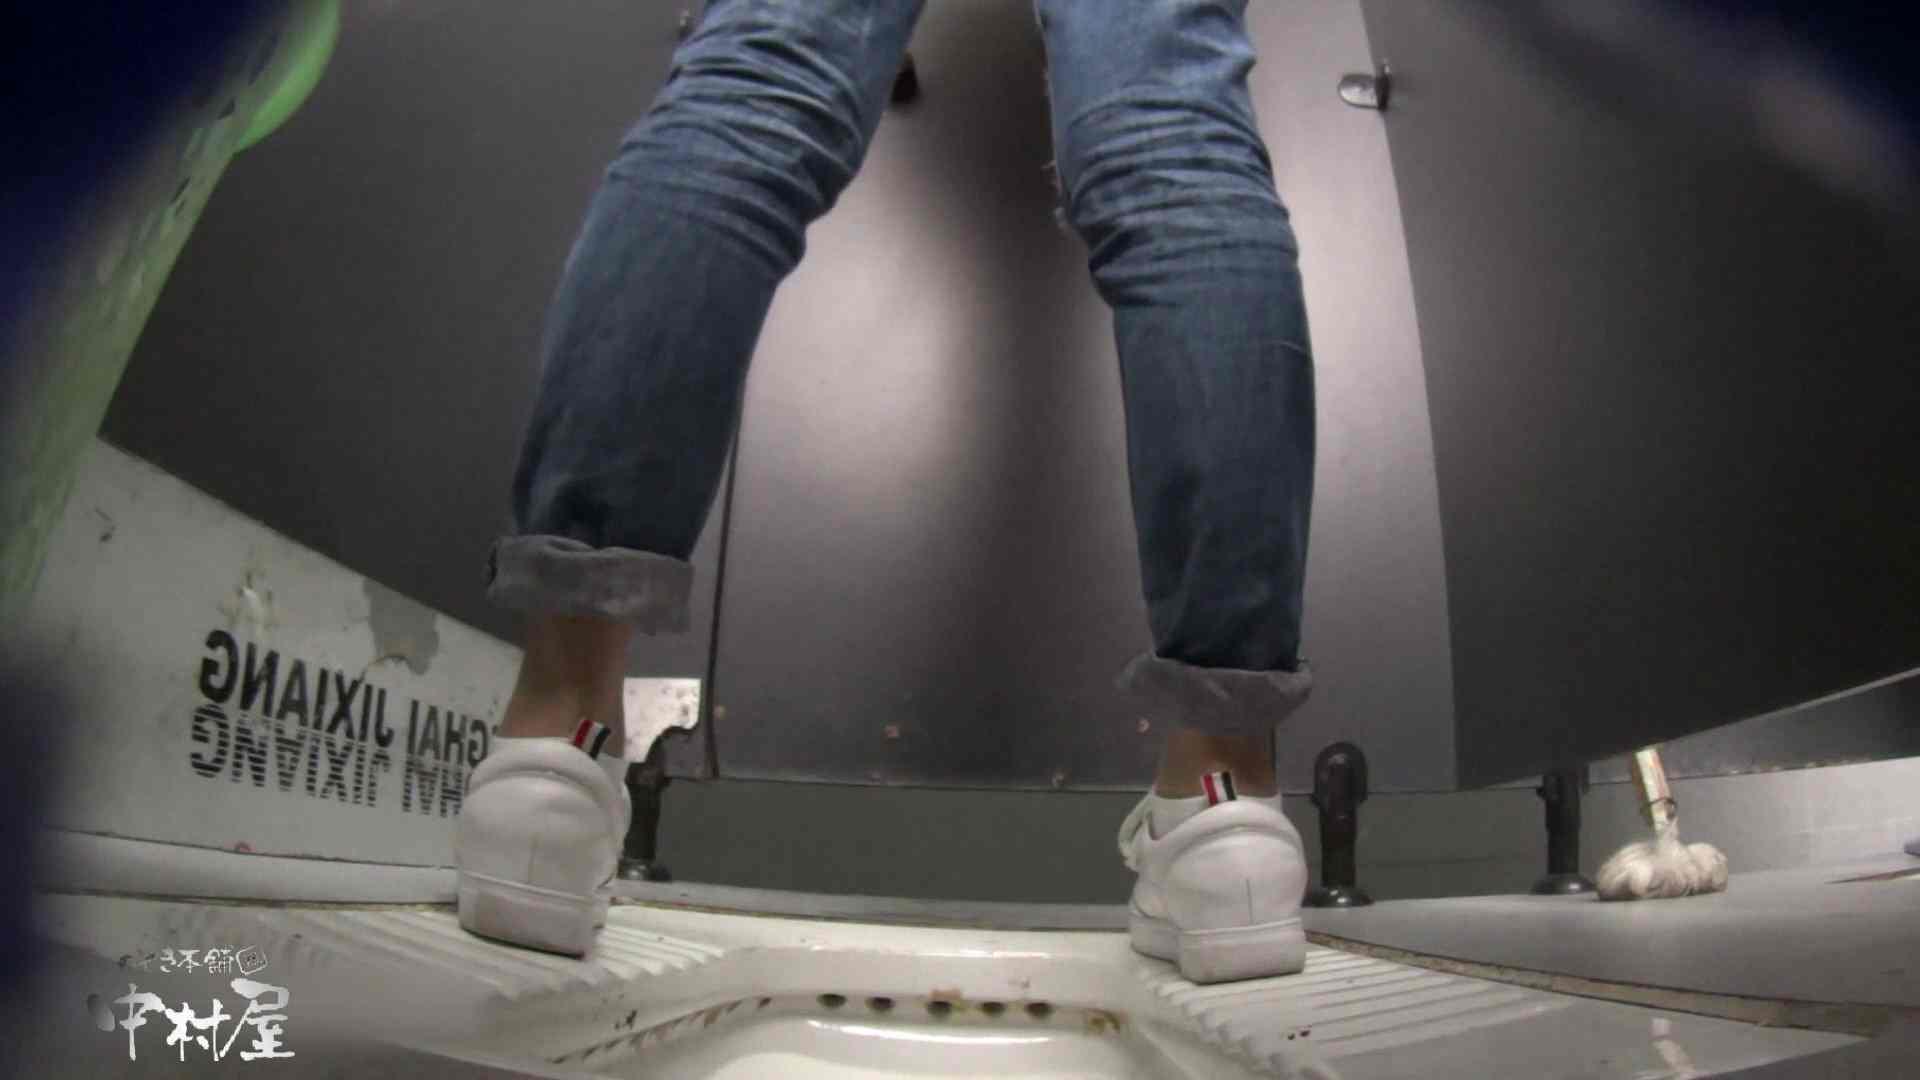 グレースパッツお女市さん 大学休憩時間の洗面所事情31 お姉さんのエロ動画 | 盗撮シリーズ  96PIX 81